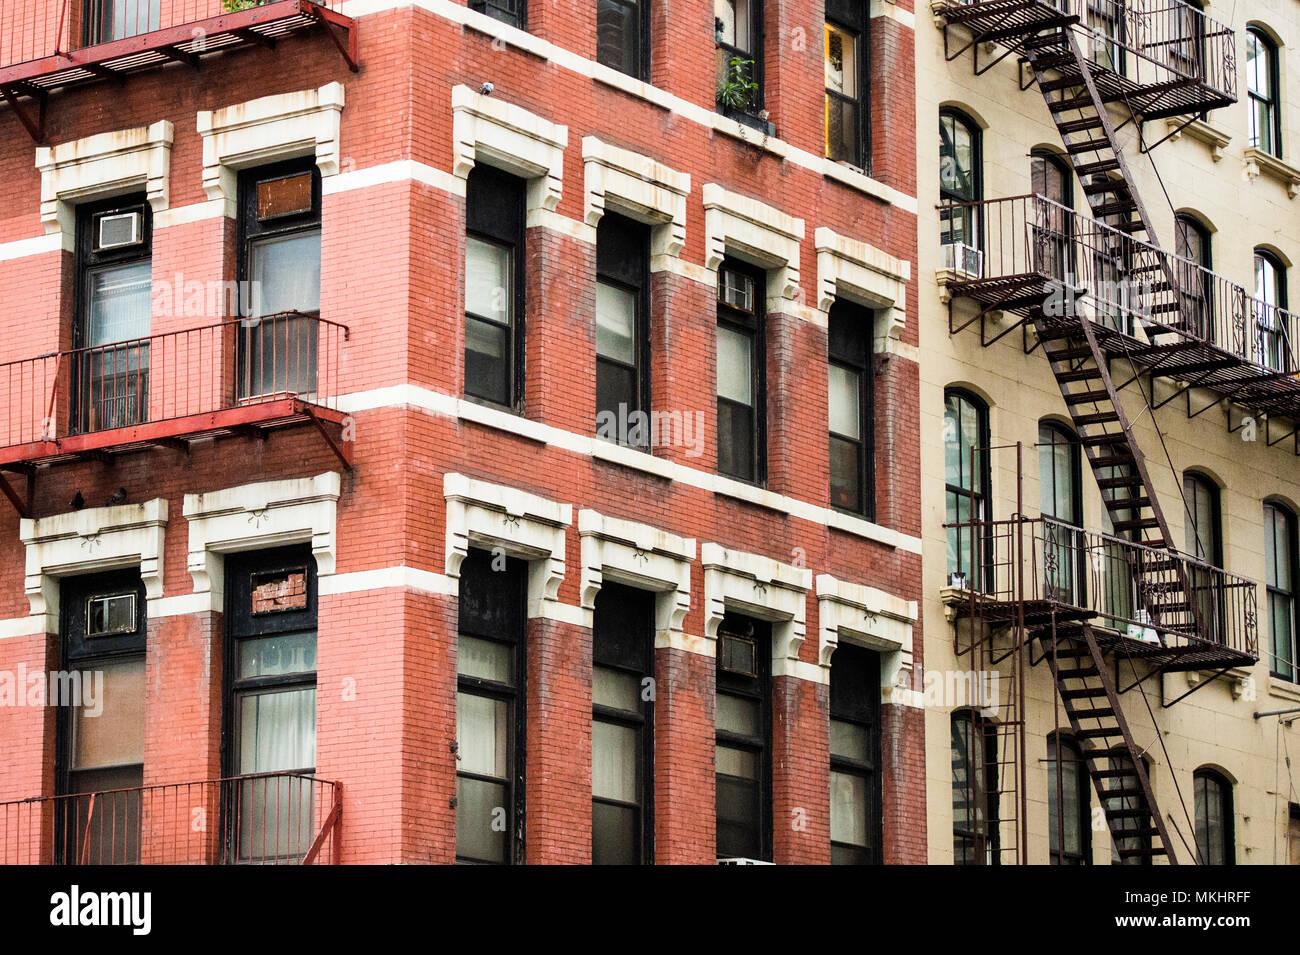 Vista cercana de la ciudad de Nueva York estilo apartamento edificios con escaleras de emergencia a lo largo de Mott Street, en el Chinatown de Manhattan, Nueva York. Imagen De Stock